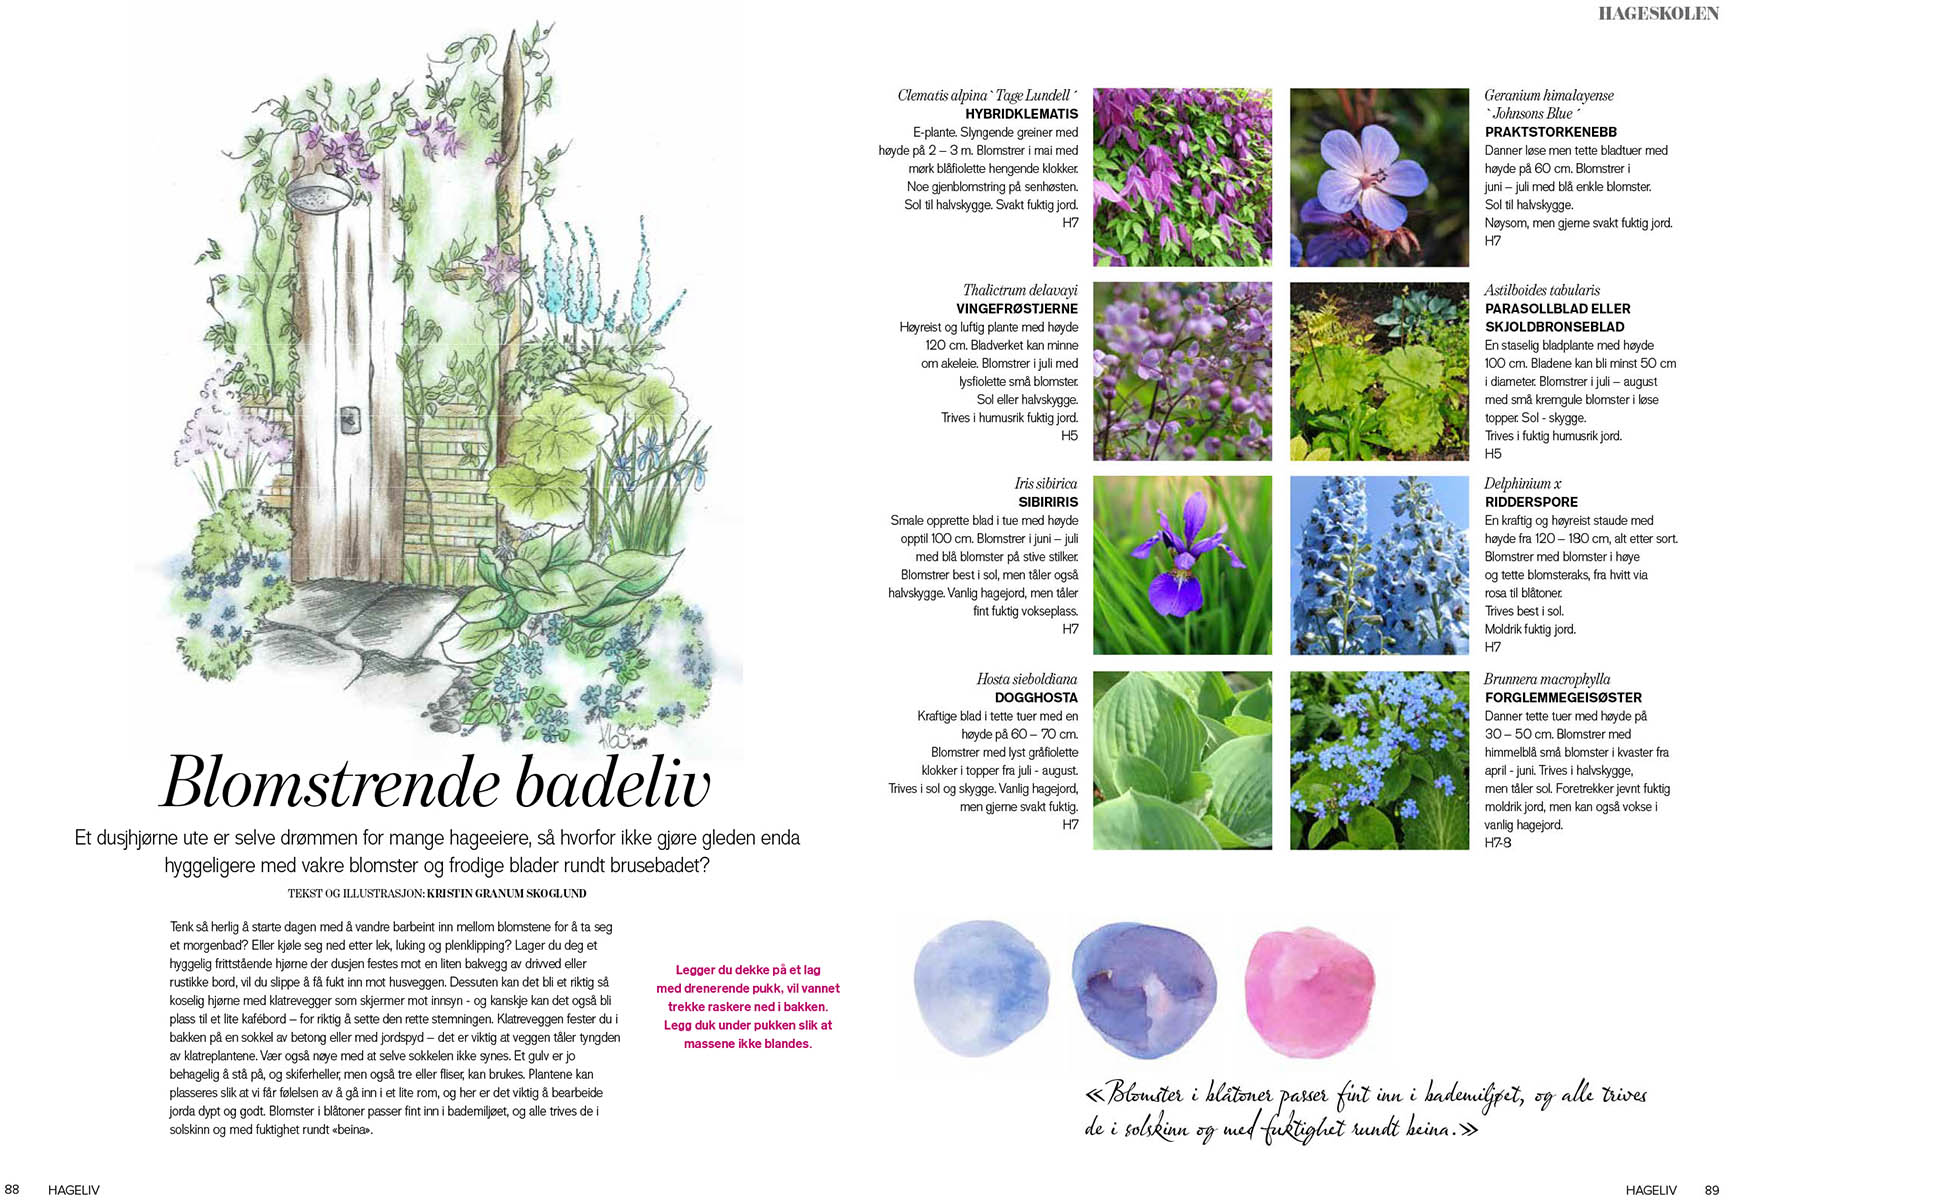 Artikkel Blomstrende badeliv